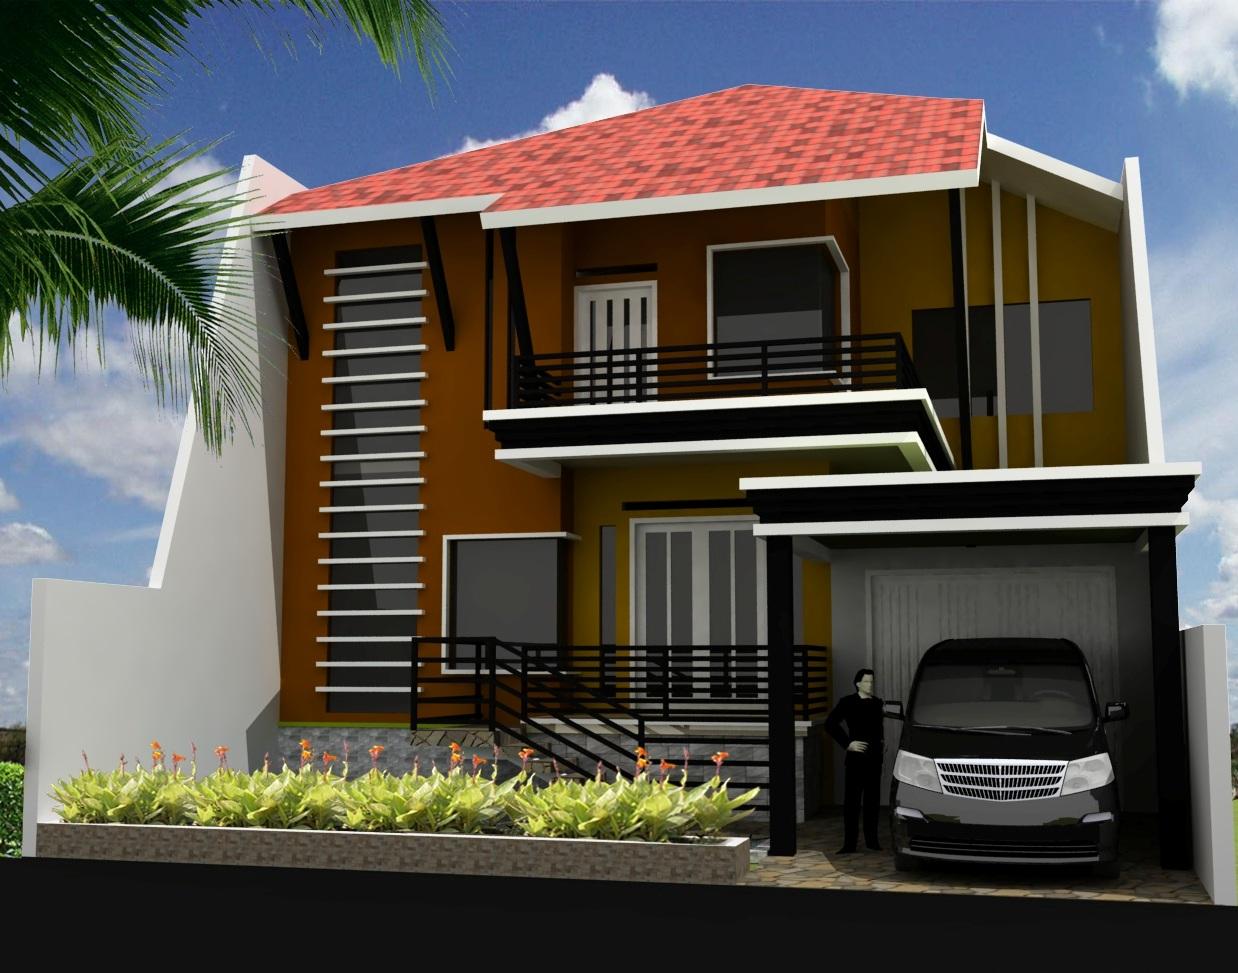 20 Rumah Minimalis Lantai 2 Sederhana Model Baru 5000 Koleksi